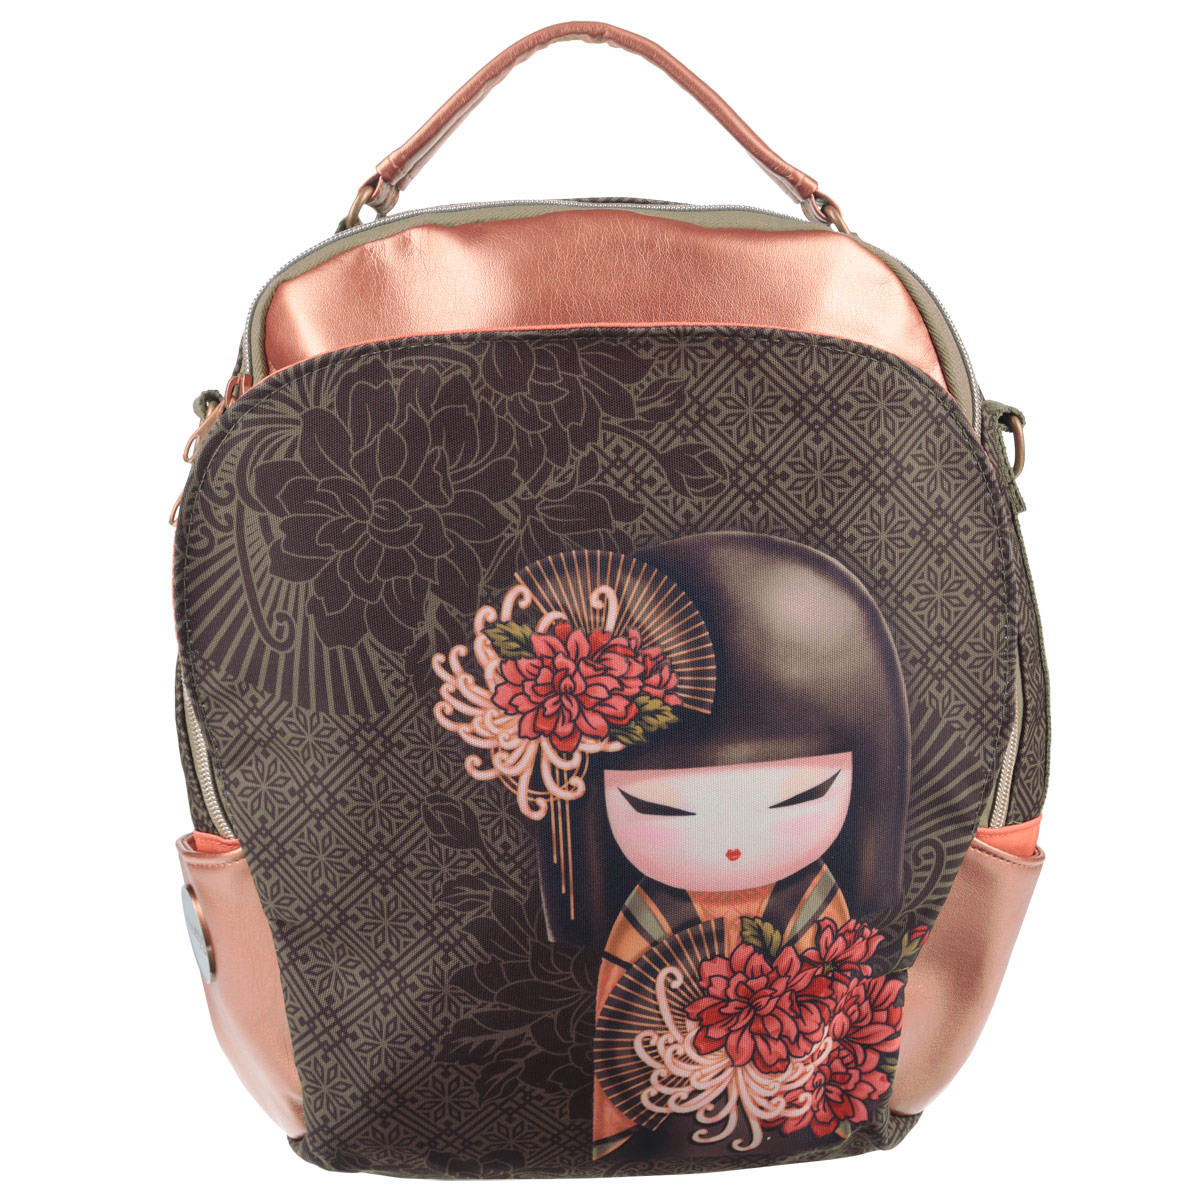 Сумка-рюкзак молодежная Kimmidoll, цвет: бронзовый, темно-серыйSB64GBCL-KУниверсальная молодежная сумка-рюкзак Kimmidoll выполнена из высококачественных материалов и оформлена красочным изображением японской куколки с цветком.Модель содержит одно вместительное отделение на застежке-молнии. Внутри отделения находятся прорезной карман на молнии и два открытых кармашка. Фронтальный карман с клапаном на магнитах. Задняя стенка сумки-рюкзака оснащена прорезным карманом на молнии. По бокам изделия находятся открытые карманы. Сумка оснащена удобной ручкой для переноски в руке, а также плечевым ремнем, с помощью которого сумку-рюкзак можно носить на плече и как рюкзак.Такую сумку-рюкзак можно использовать для повседневных прогулок, отдыха и спорта, а также как элемент вашего имиджа.Рекомендуемый возраст: от 12 лет.